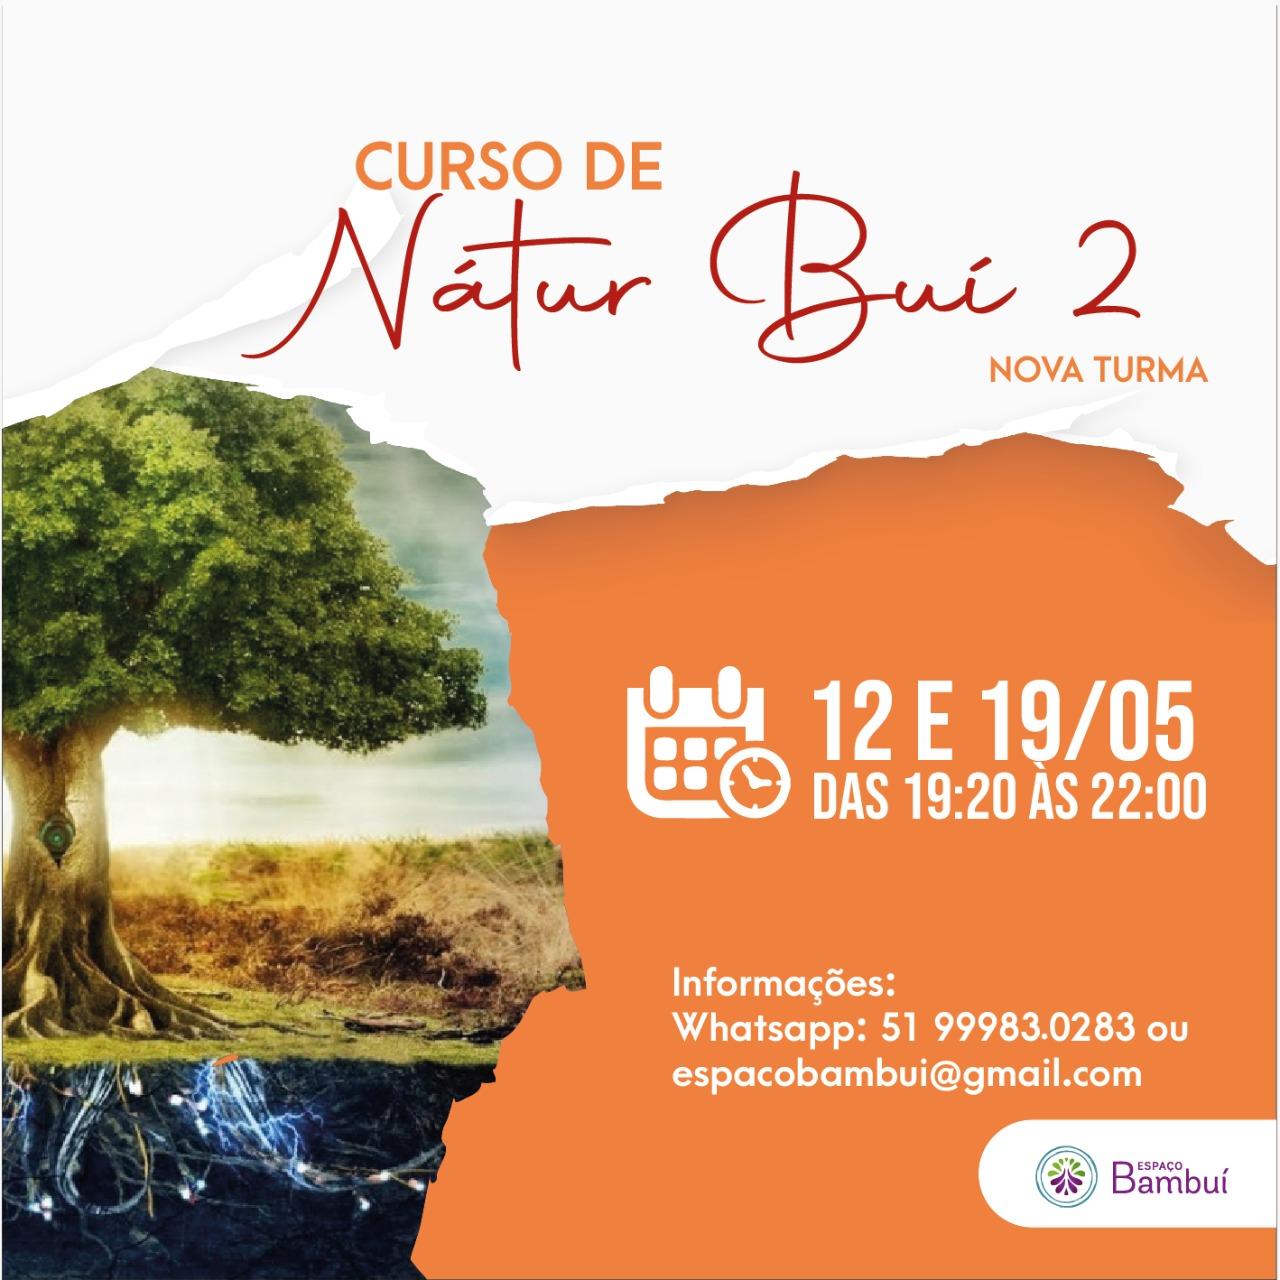 Curso Nátur Buí 2 - 12 e 19/05 em Canoas - Espaço Bambuí